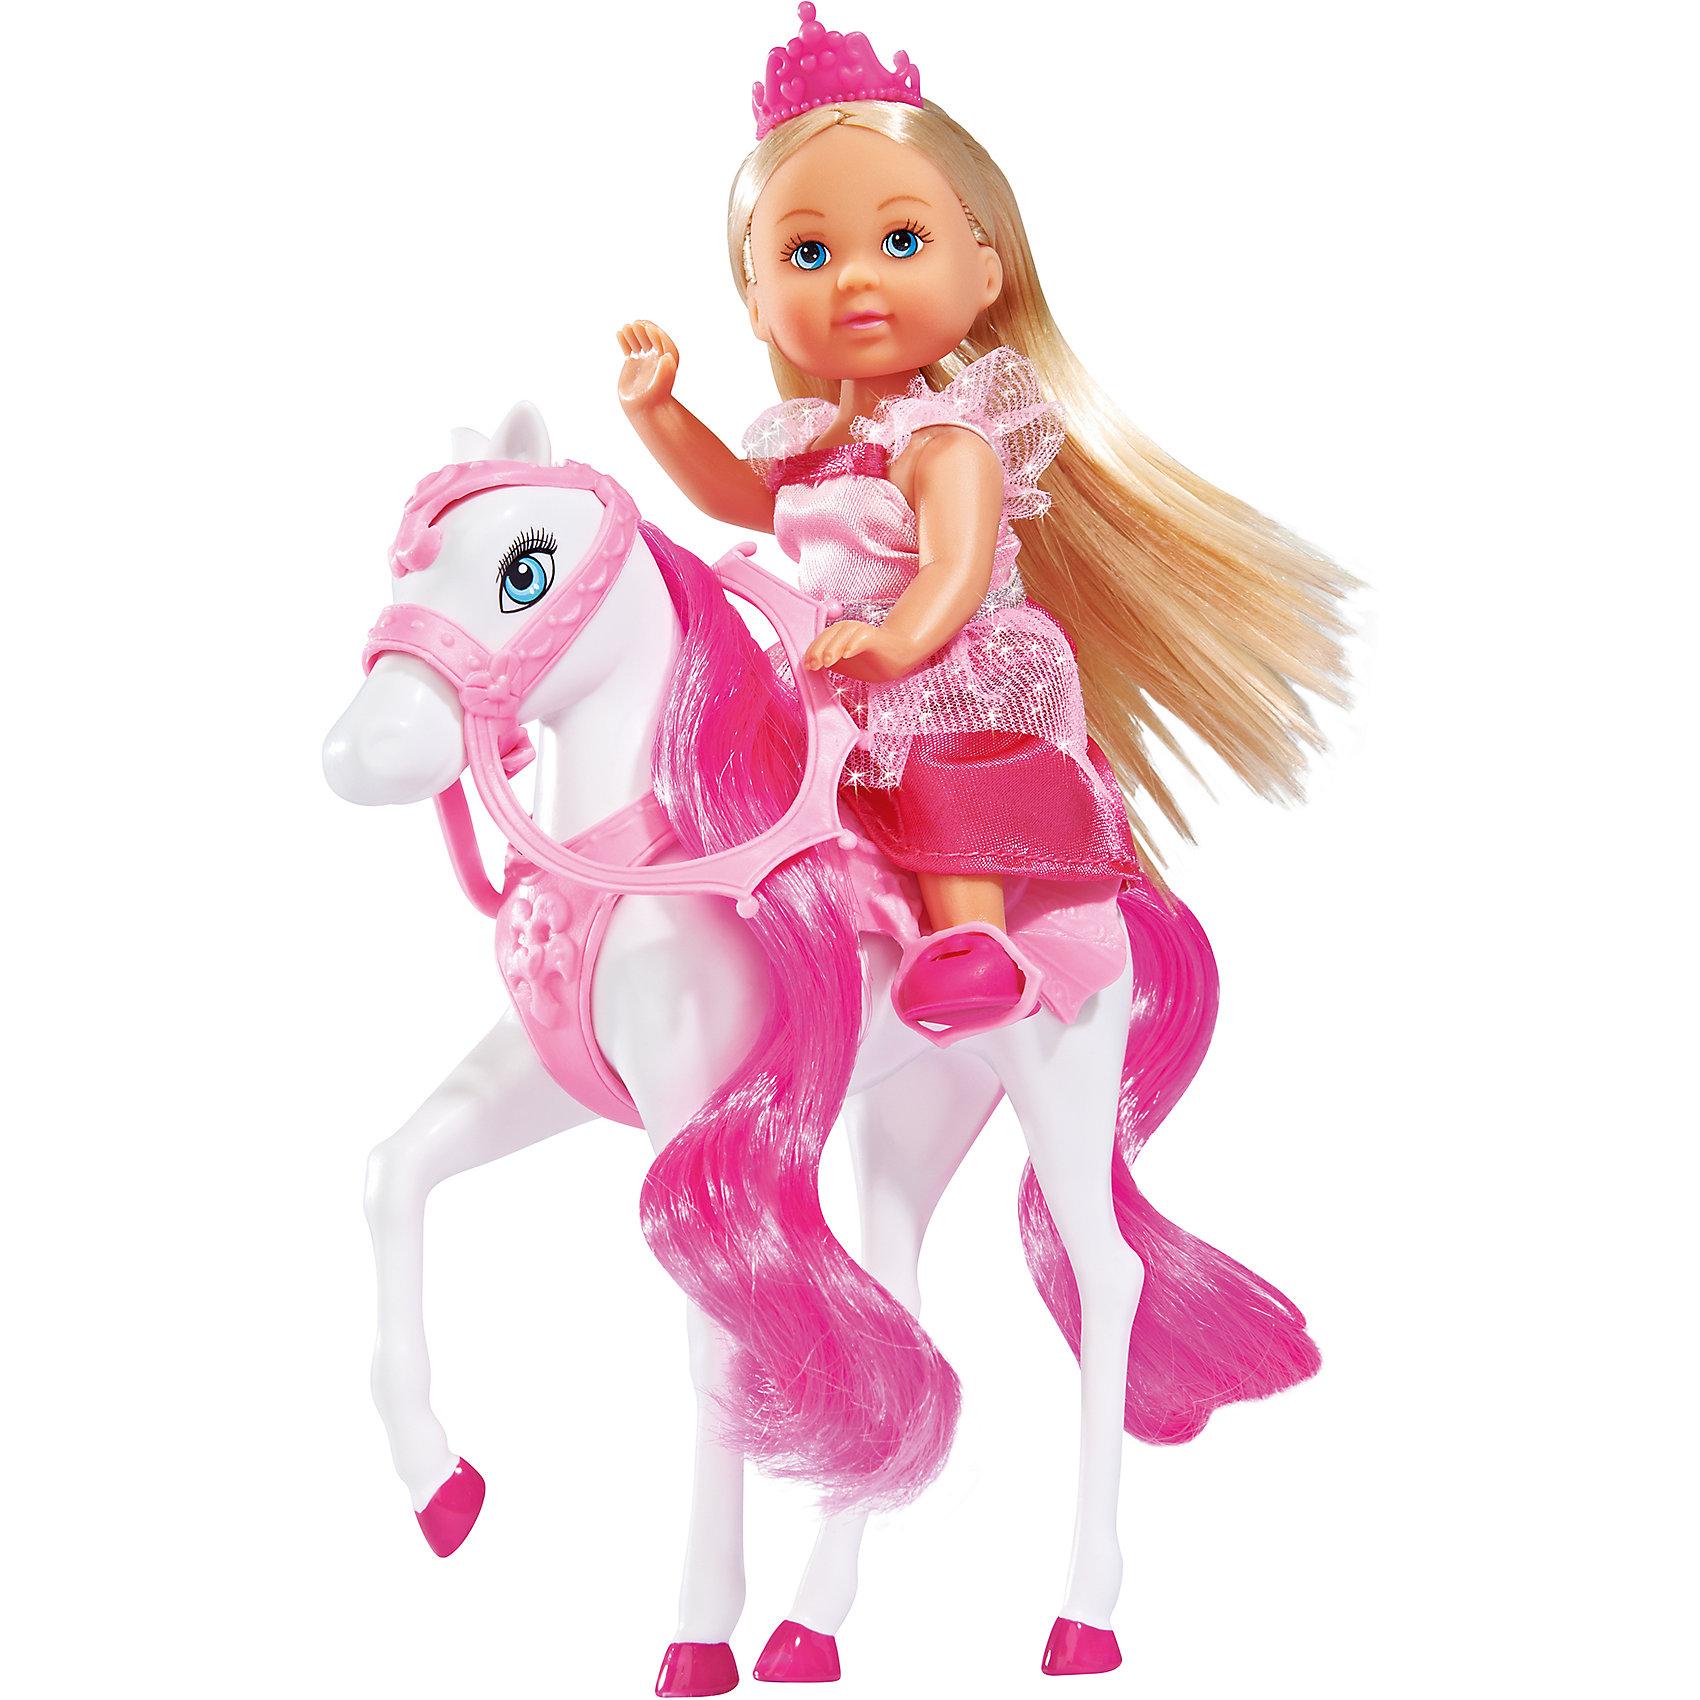 Кукла Еви на лошади, SimbaSteffi и Evi Love<br>Характеристики товара:<br><br>- цвет: разноцветный;<br>- материал: пластик;<br>- возраст: от трех лет;<br>- комплектация: кукла, одежда, лошадь;<br>- высота куклы: 12 см.<br><br>Эта симпатичная кукла Еви от известного бренда приводит детей в восторг! Какая девочка сможет отказаться поиграть с куклой, у которой есть лошадь?! В набор входят одежда и лошадь. Игрушка очень качественно выполнена, поэтому она станет замечательным подарком ребенку. <br>Продается набор в красивой удобной упаковке. Игры с куклами помогают девочкам развить важные навыки и отработать модели социального взаимодействия. Изделие произведено из высококачественного материала, безопасного для детей.<br><br>Куклу Еви на прыгающей лошади от бренда Simba можно купить в нашем интернет-магазине.<br><br>Ширина мм: 164<br>Глубина мм: 162<br>Высота мм: 48<br>Вес г: 150<br>Возраст от месяцев: 36<br>Возраст до месяцев: 72<br>Пол: Женский<br>Возраст: Детский<br>SKU: 4129101